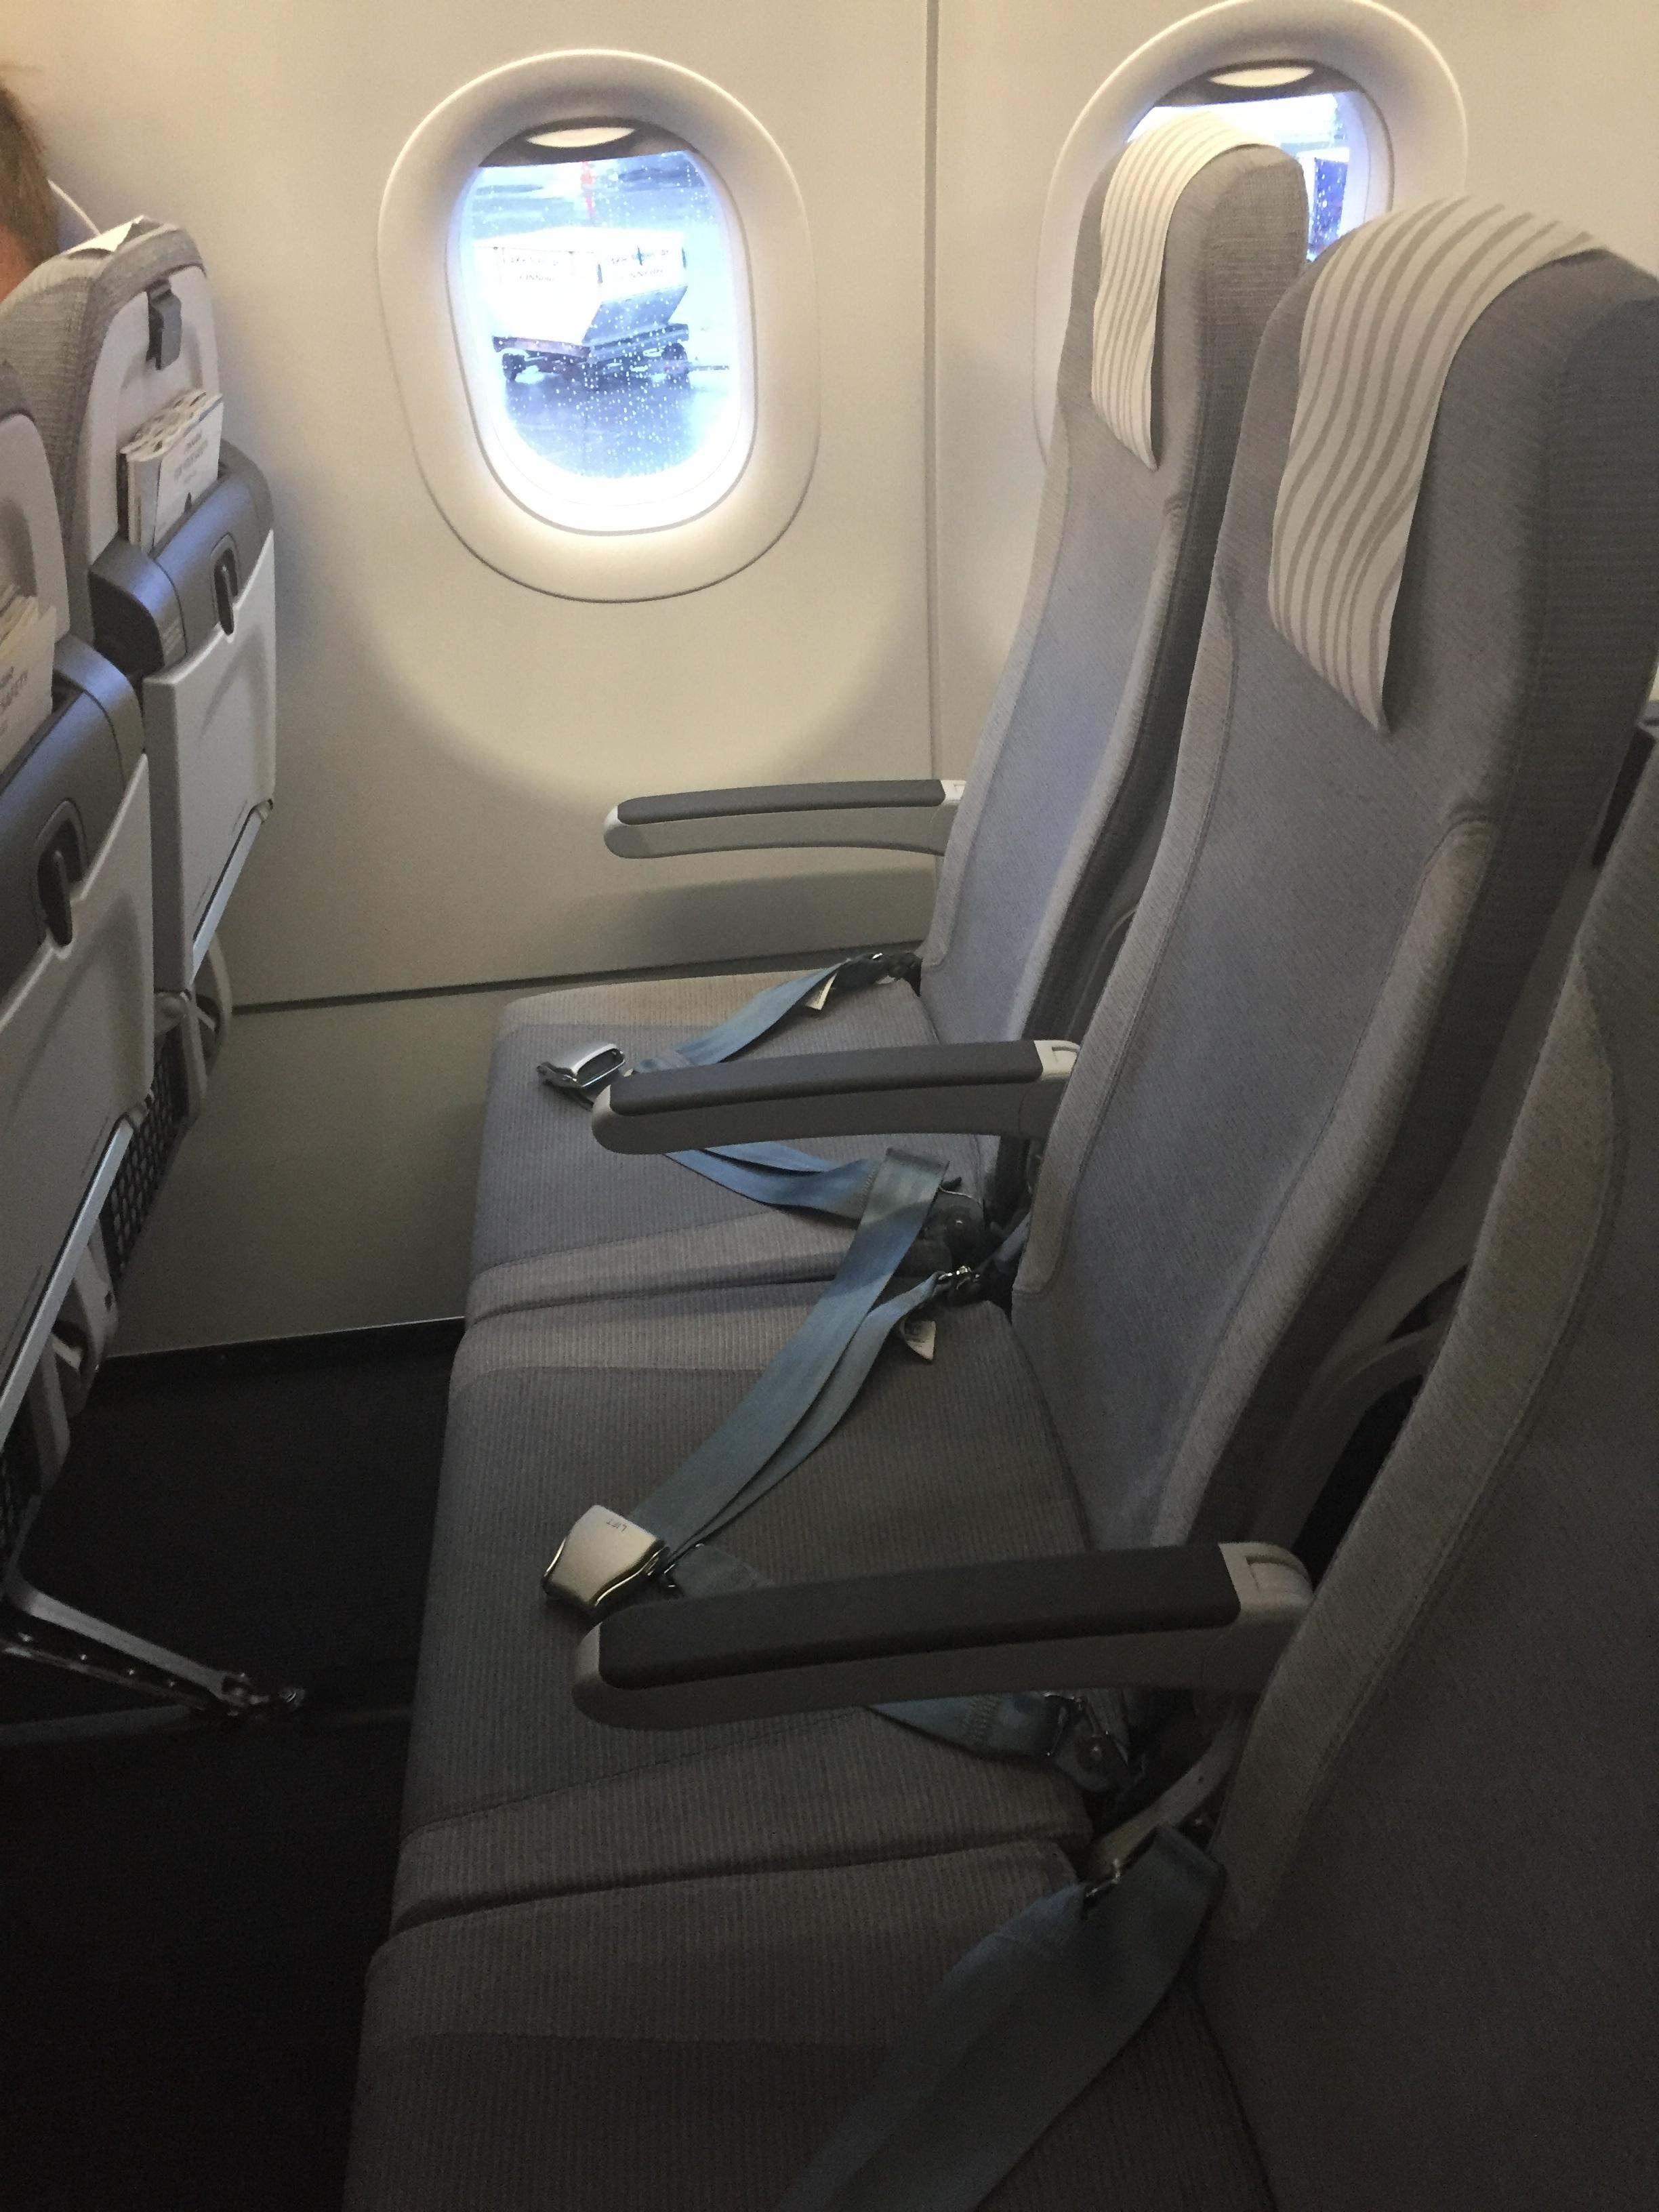 Finnair a321 seats.JPG